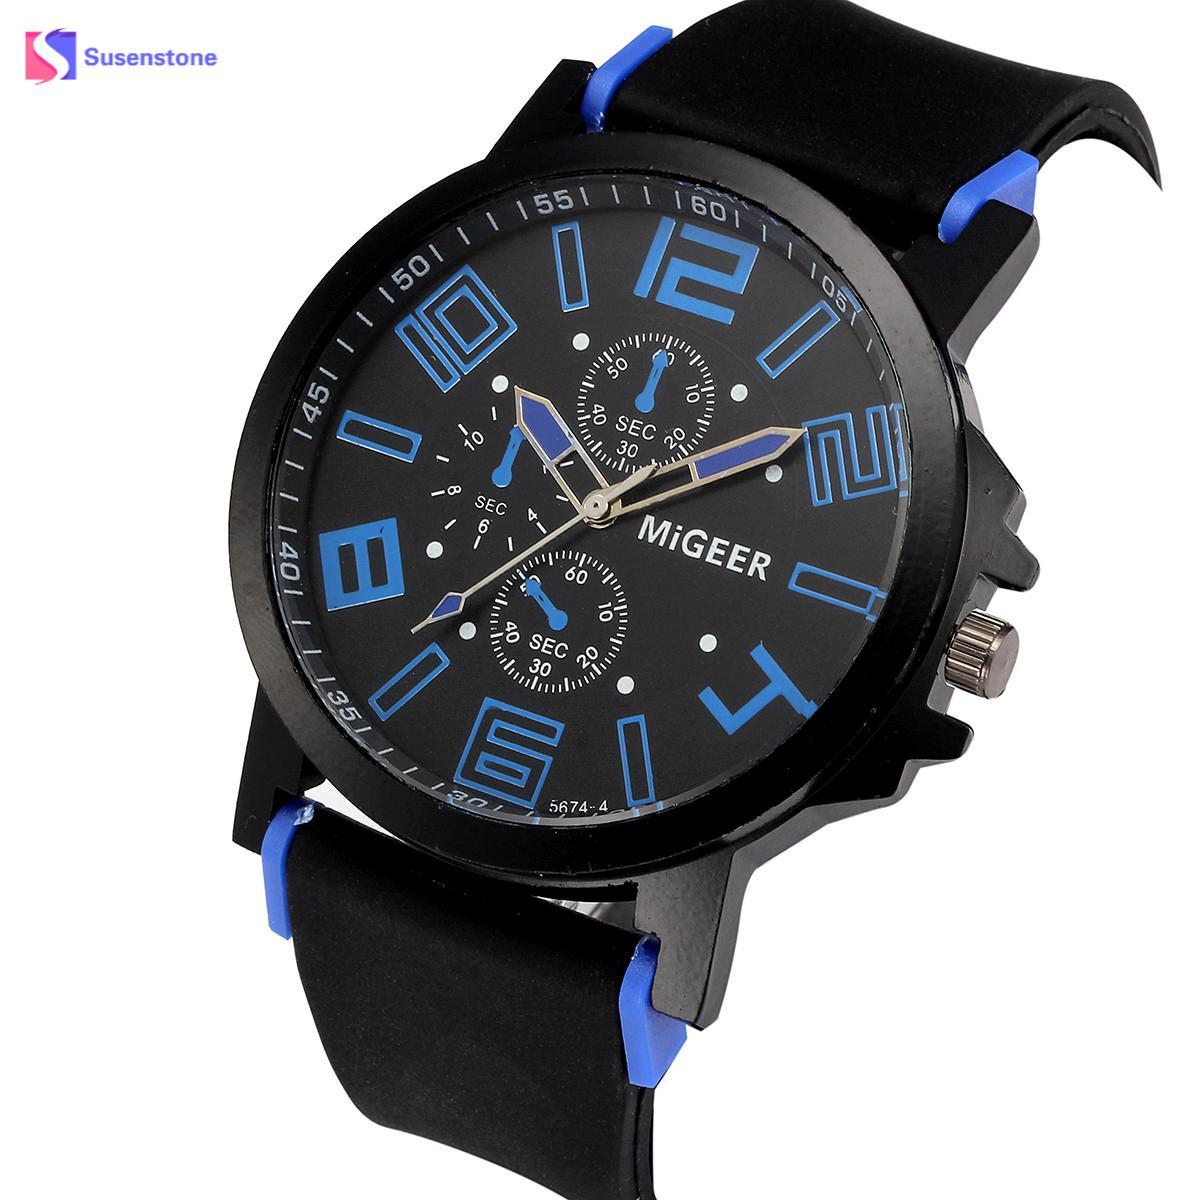 Для мужчин Лидер продаж силиконовый ремешок Спортивные Водонепроницаемый кварцевые часы наручные аналоговые часы Кварцевые наручные часы...